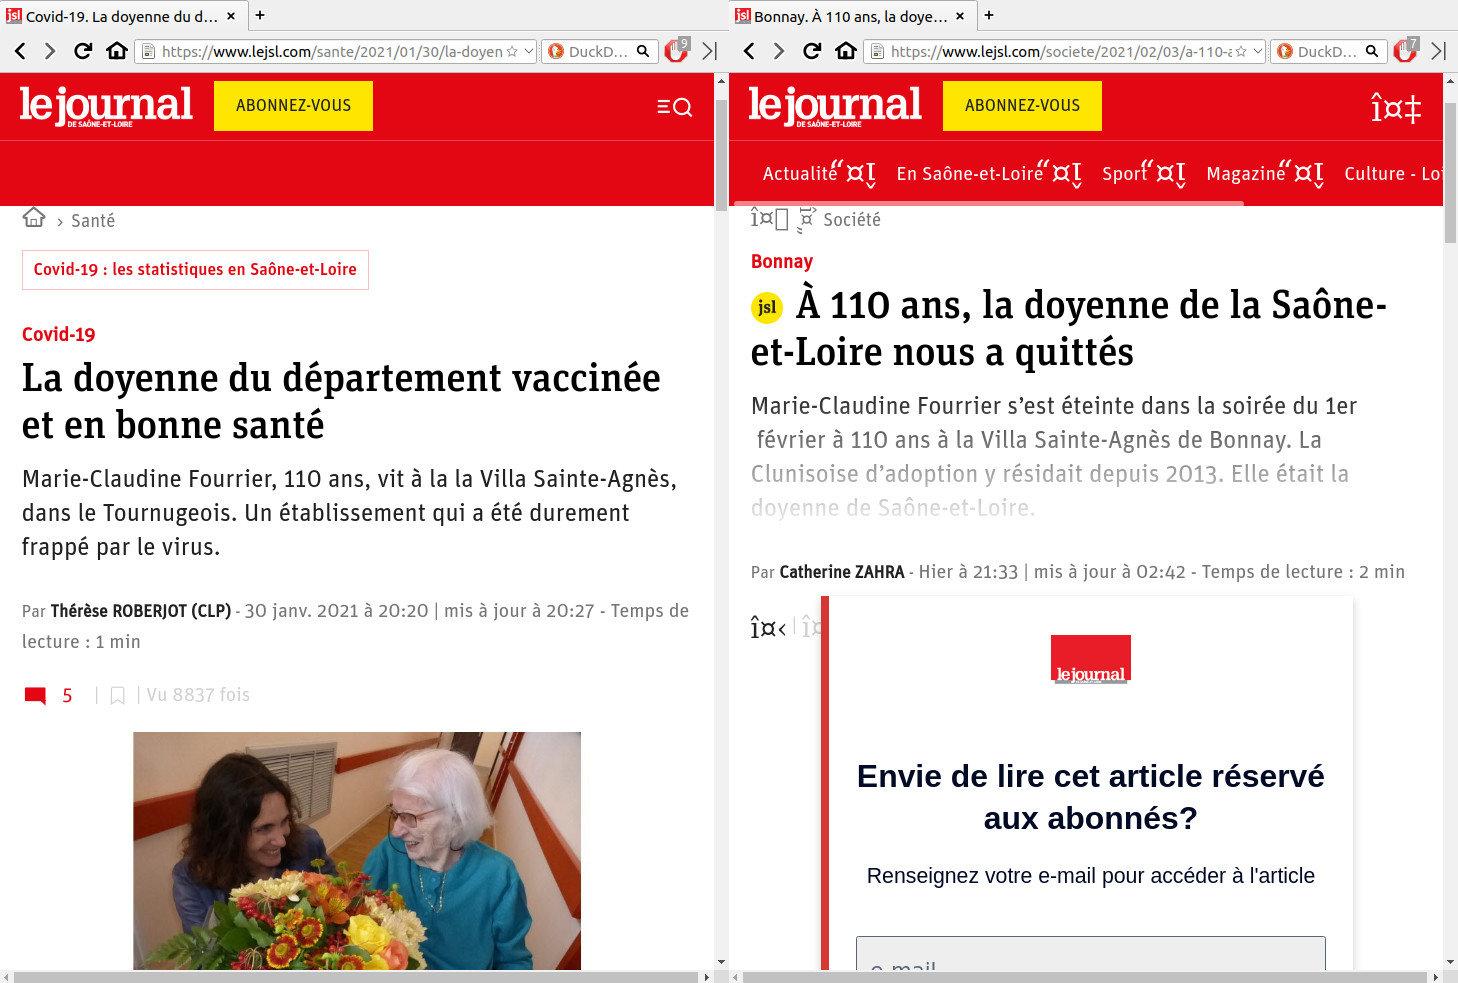 """La doyenne de Saône & loire quelque jours après avoir été vaccinée. Changement de rubrique: de """"Santé"""" à """"Société"""""""